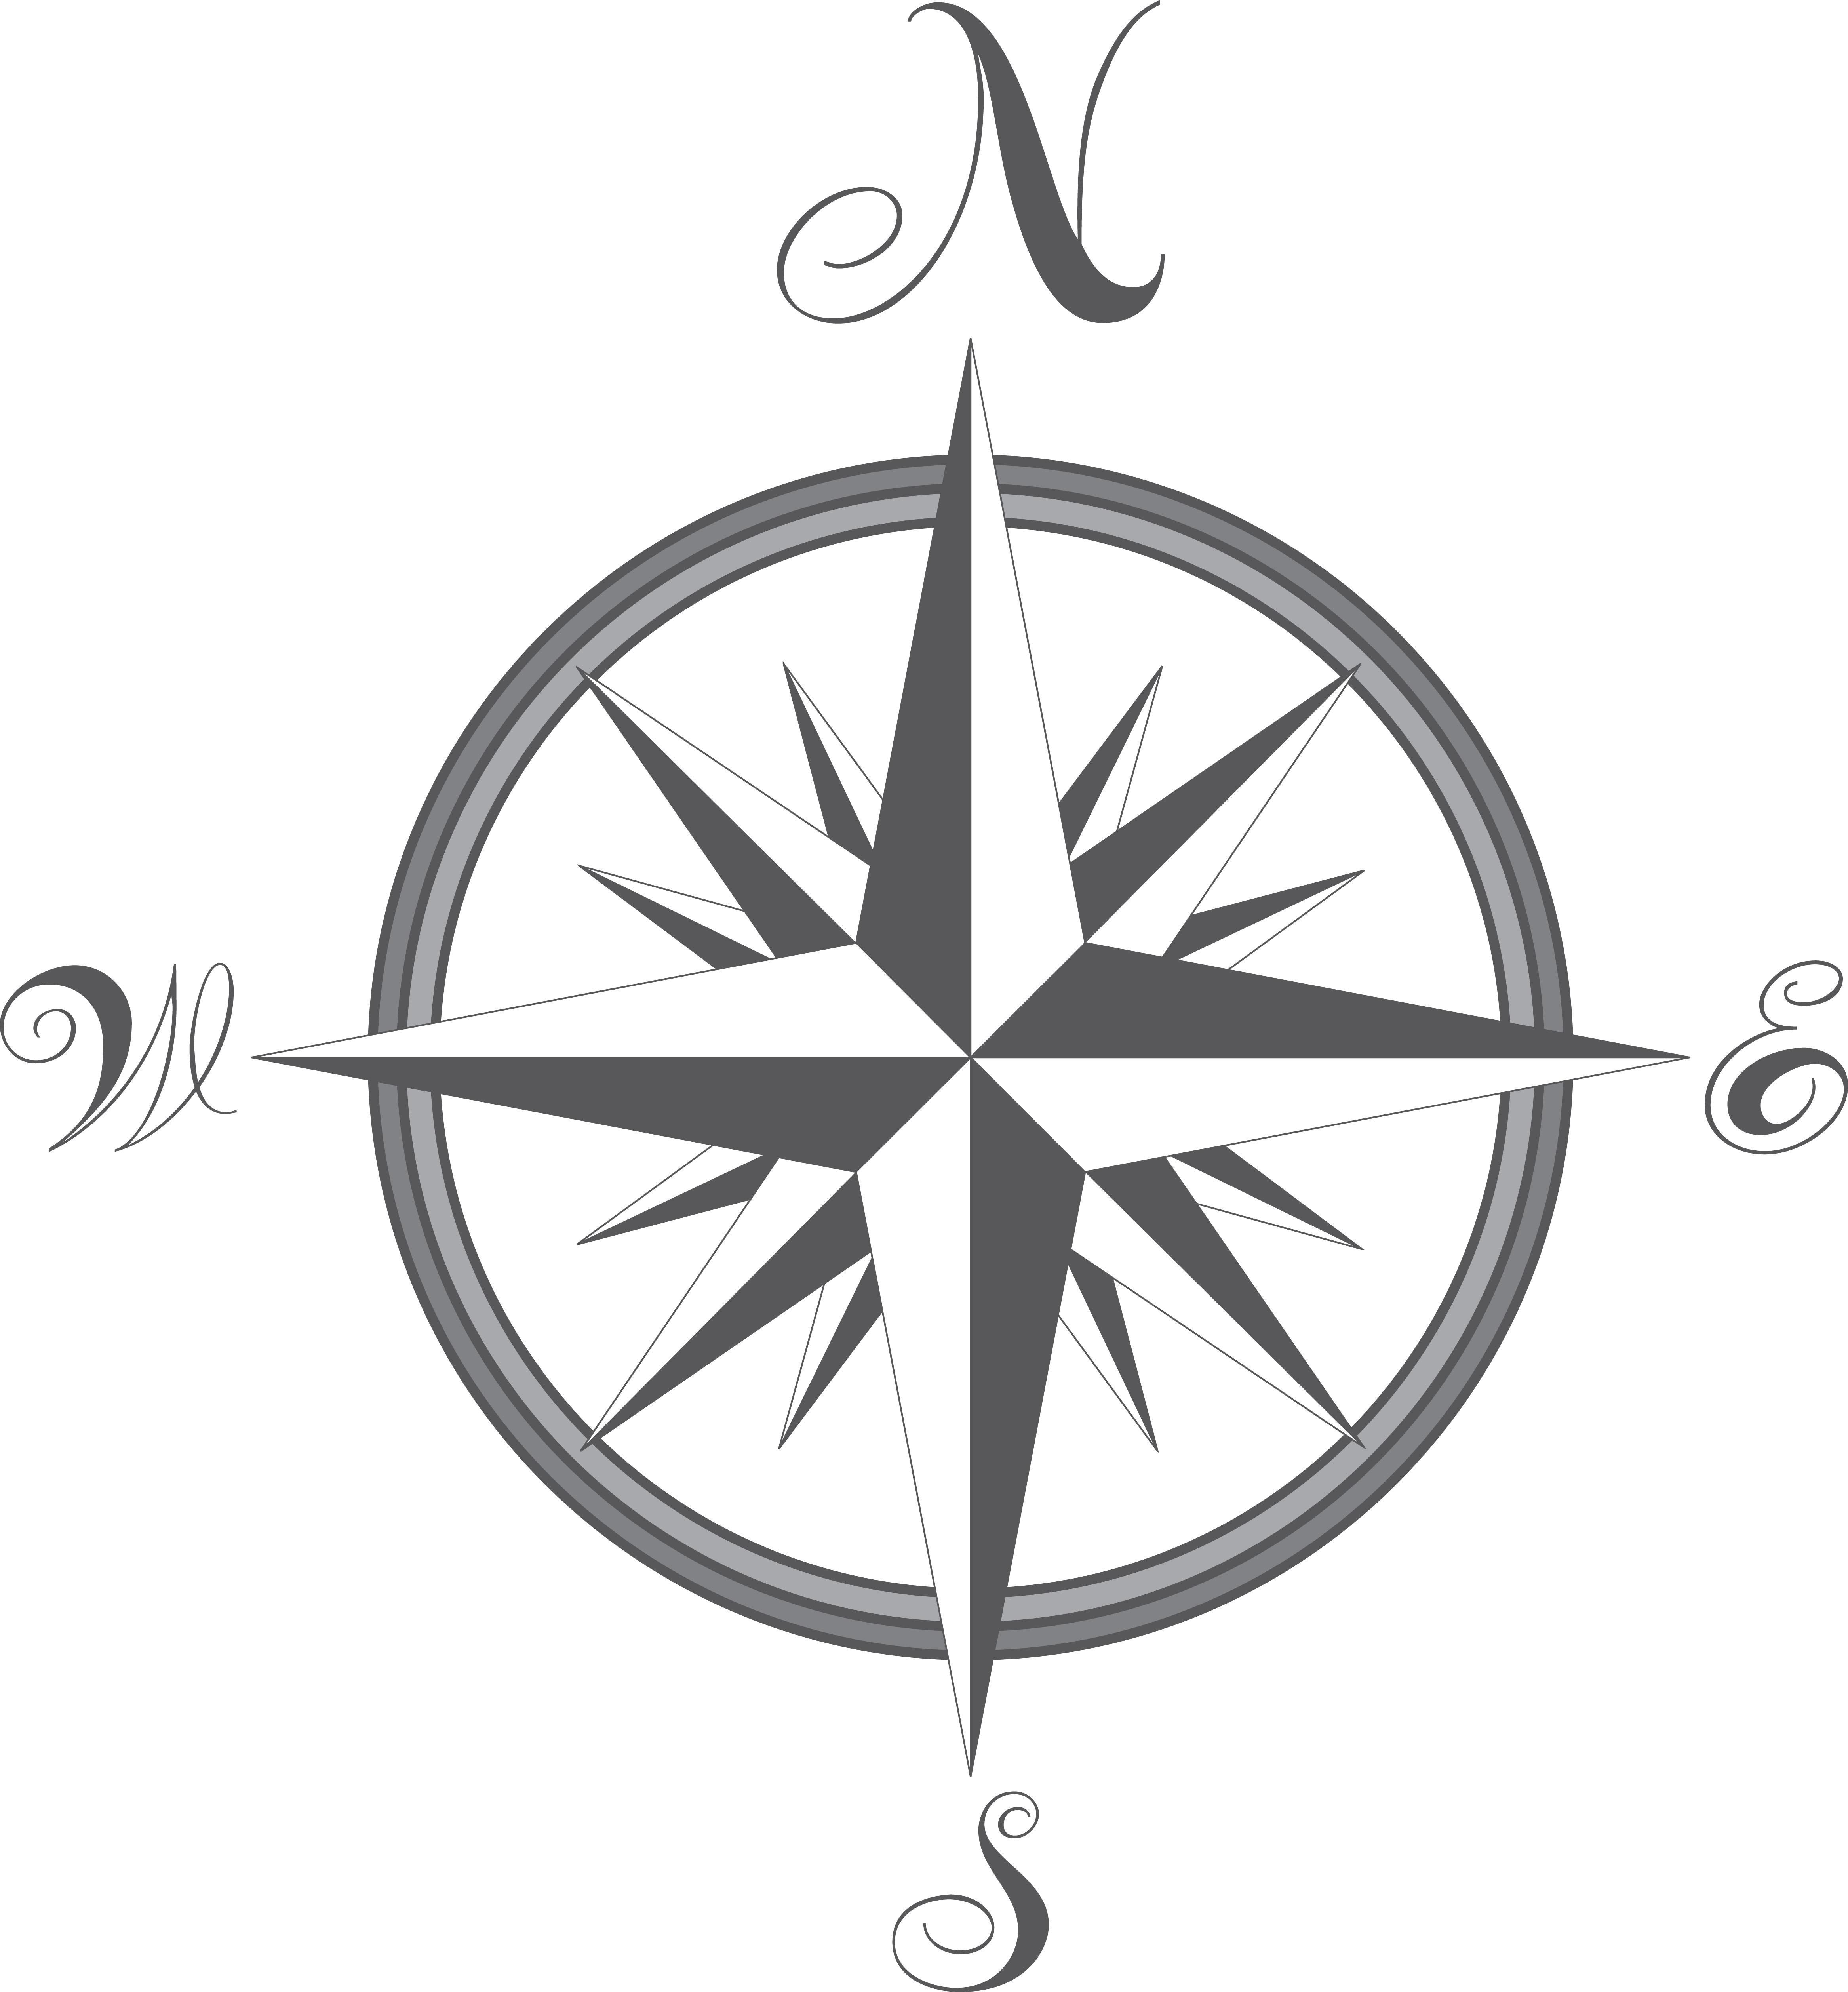 Compass - Vector by metaldan on DeviantArt